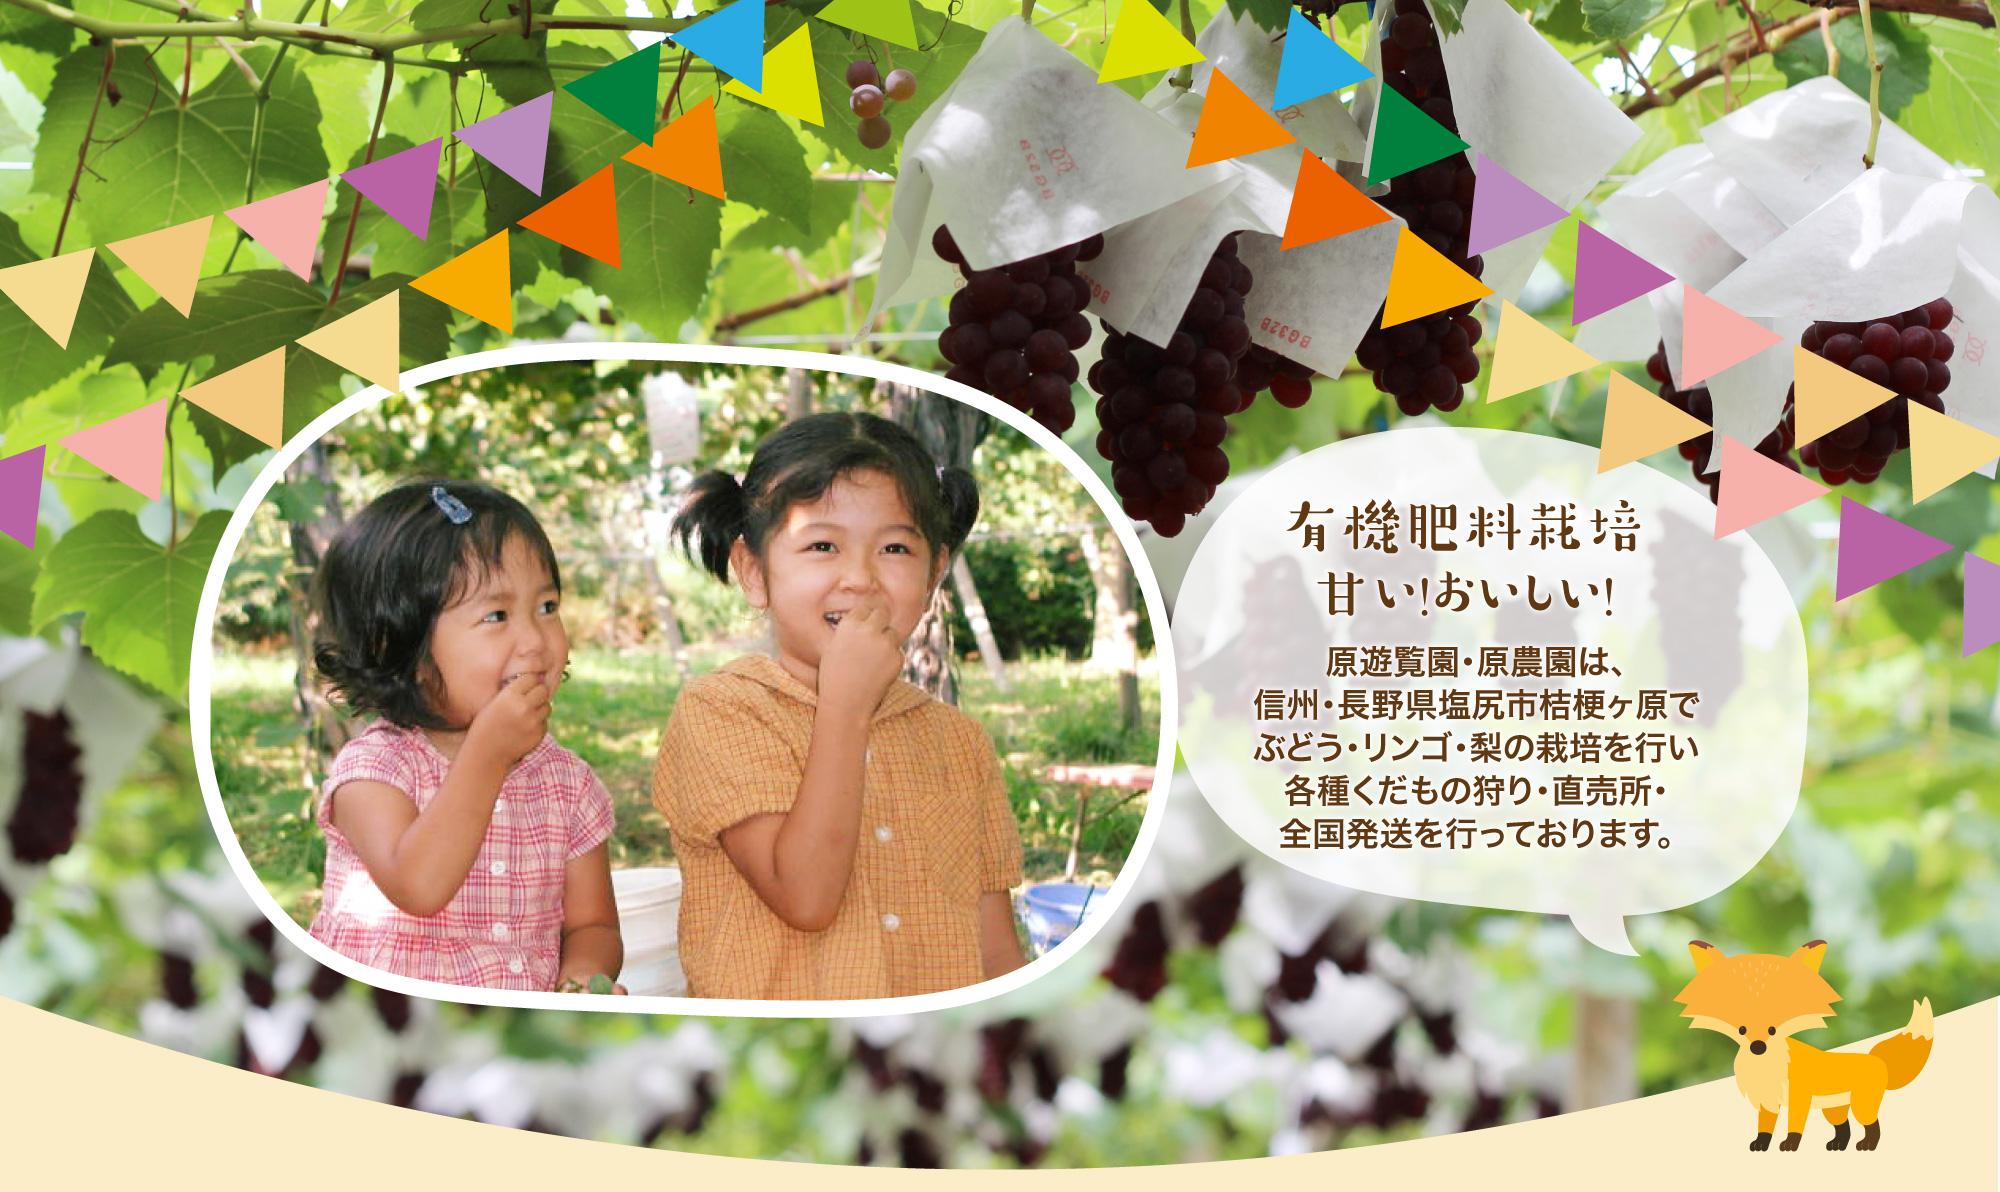 原遊覧園・原農園は、信州・長野県塩尻市桔梗ヶ原でぶどう・リンゴ・梨の栽培を行い各種くだもの狩り 直売所 全国発送を行っております。